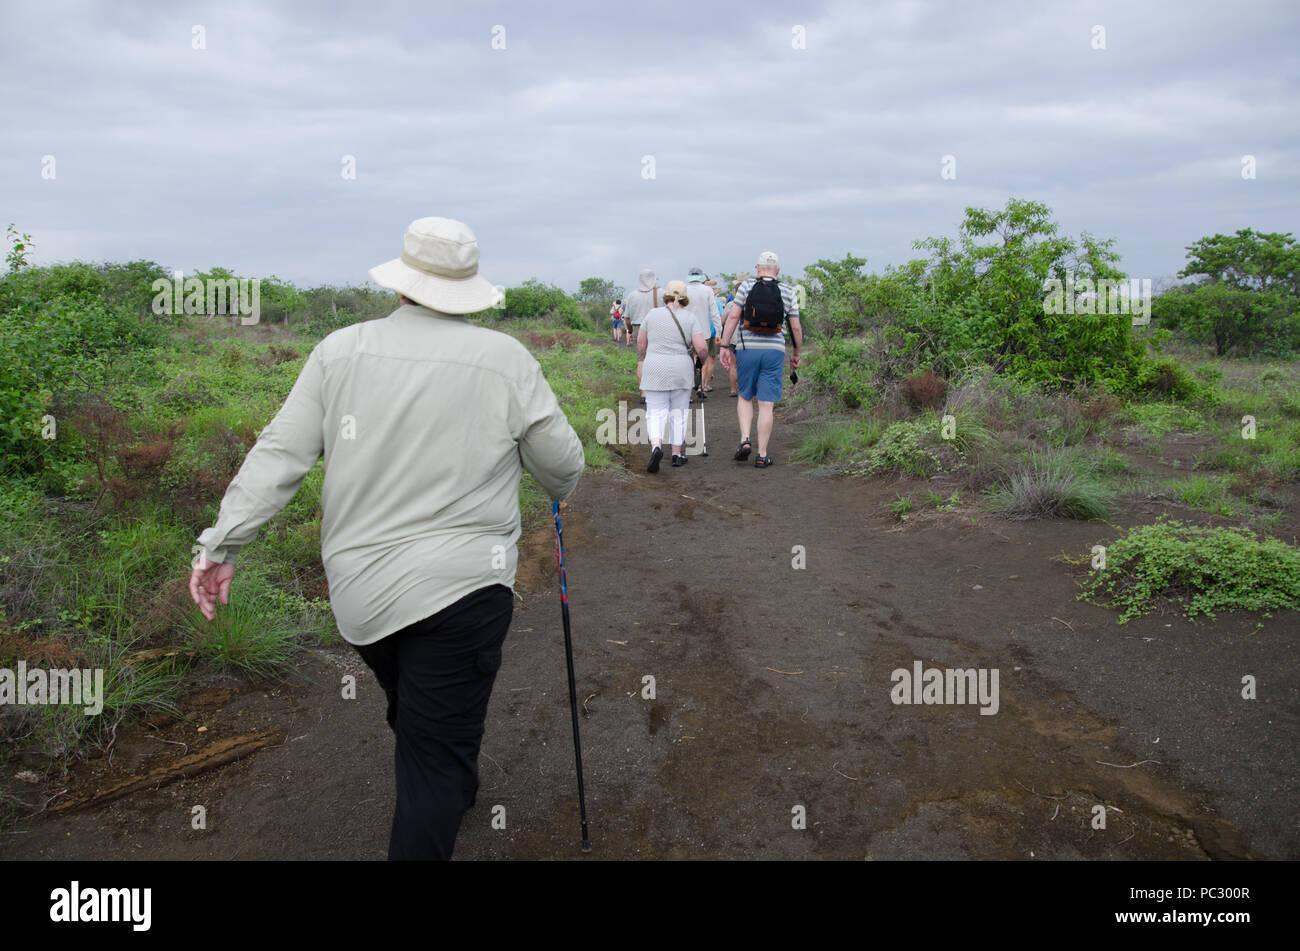 Les voyageurs d'âge mûr de la randonnée le long de la voie. Randonneurs sur le sentier par jour nuageux. Eco tourisme l'île des Galapagos, Equateur. À la recherche d'blue footed boobies. Photo Stock